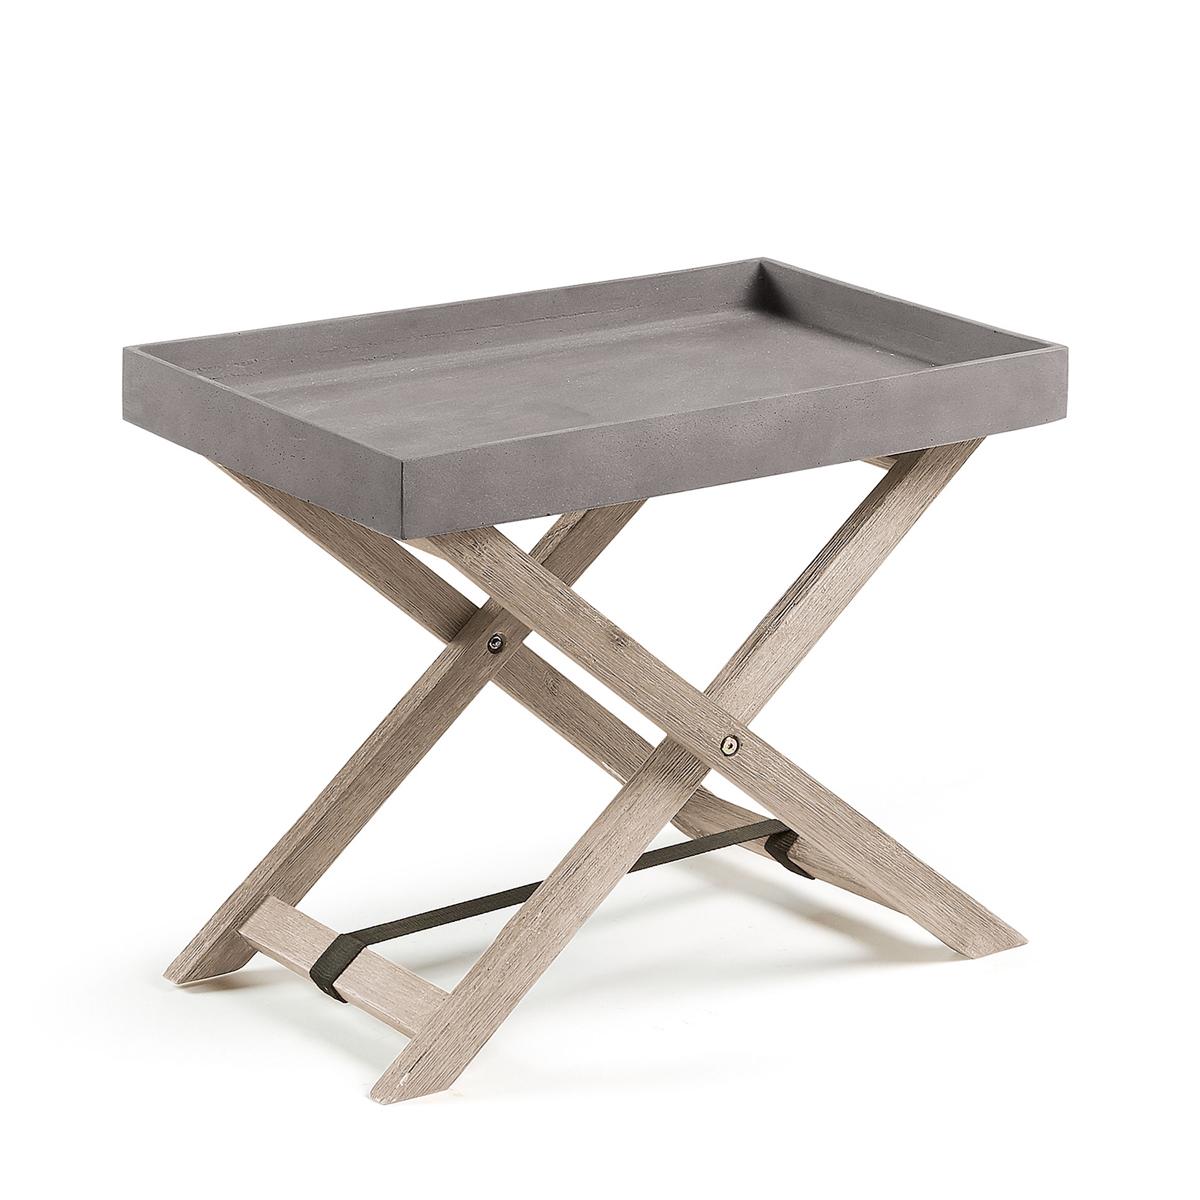 Table d'appoint en acacia et plateau amovible en ciment - Naturel - H 55 x 45.5 cm